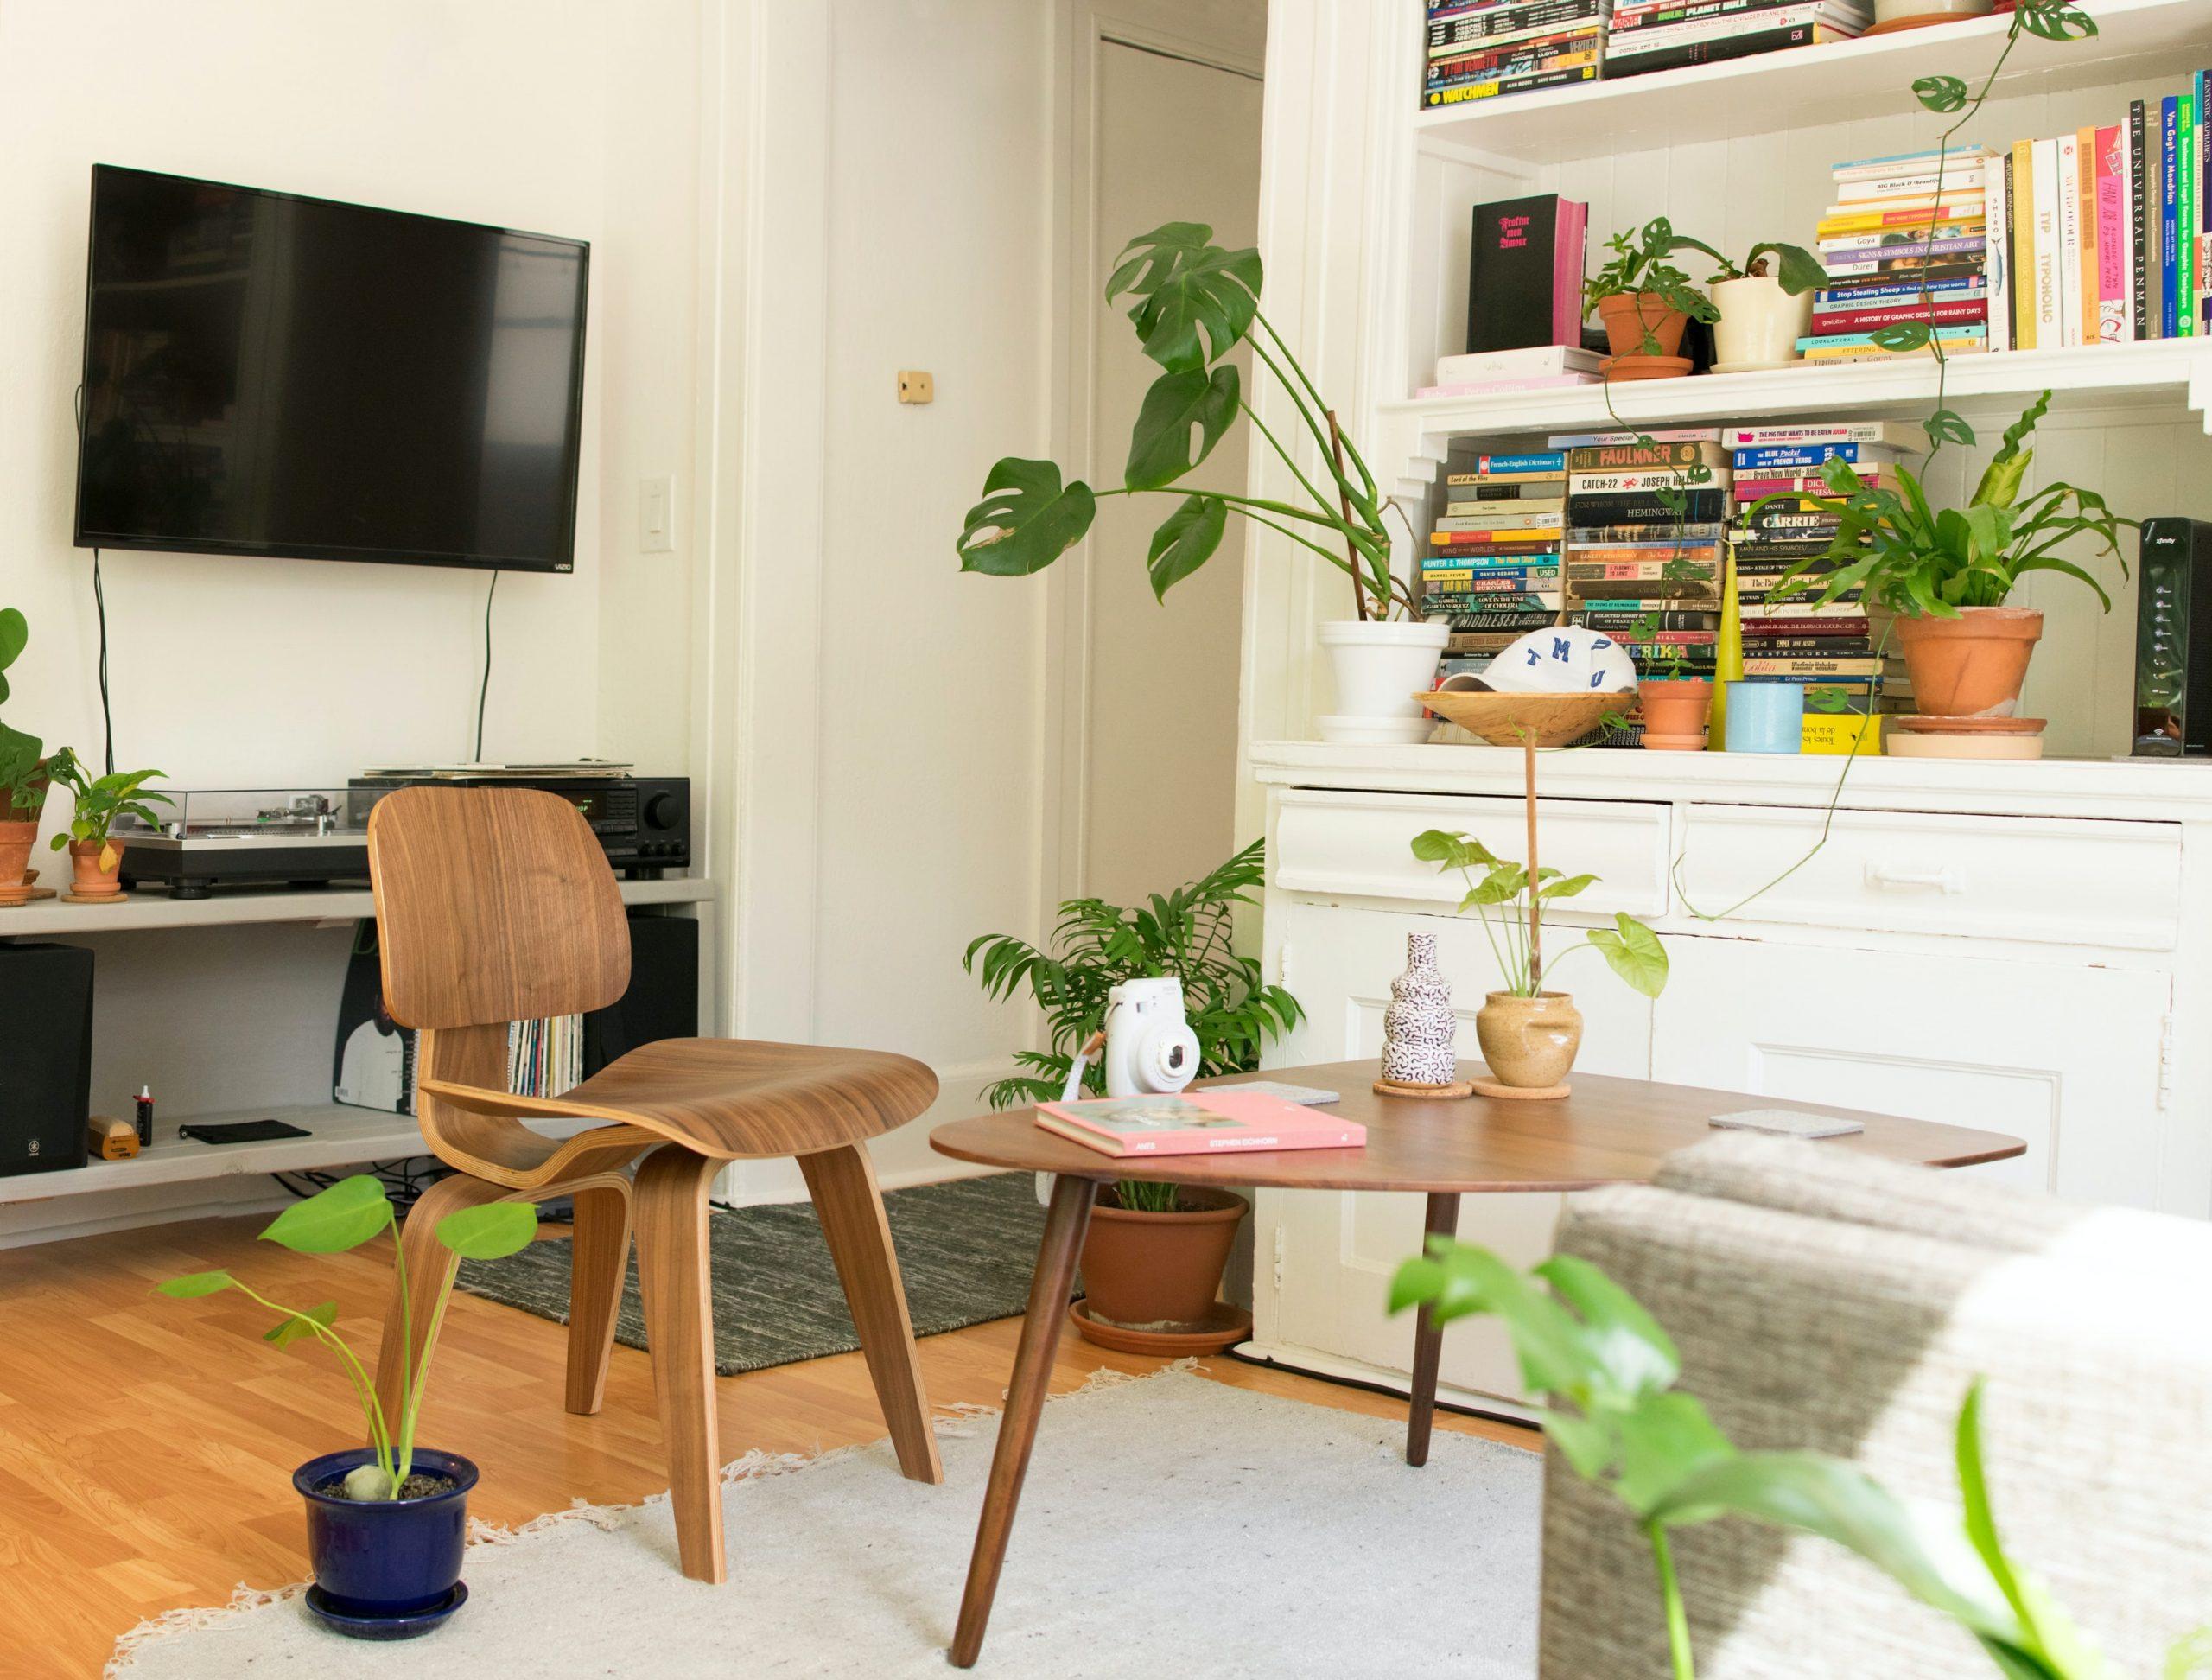 patrick perkins iRiVzALa4pI unsplash scaled - Klæd dit hjem med de populære Kählerdesigns